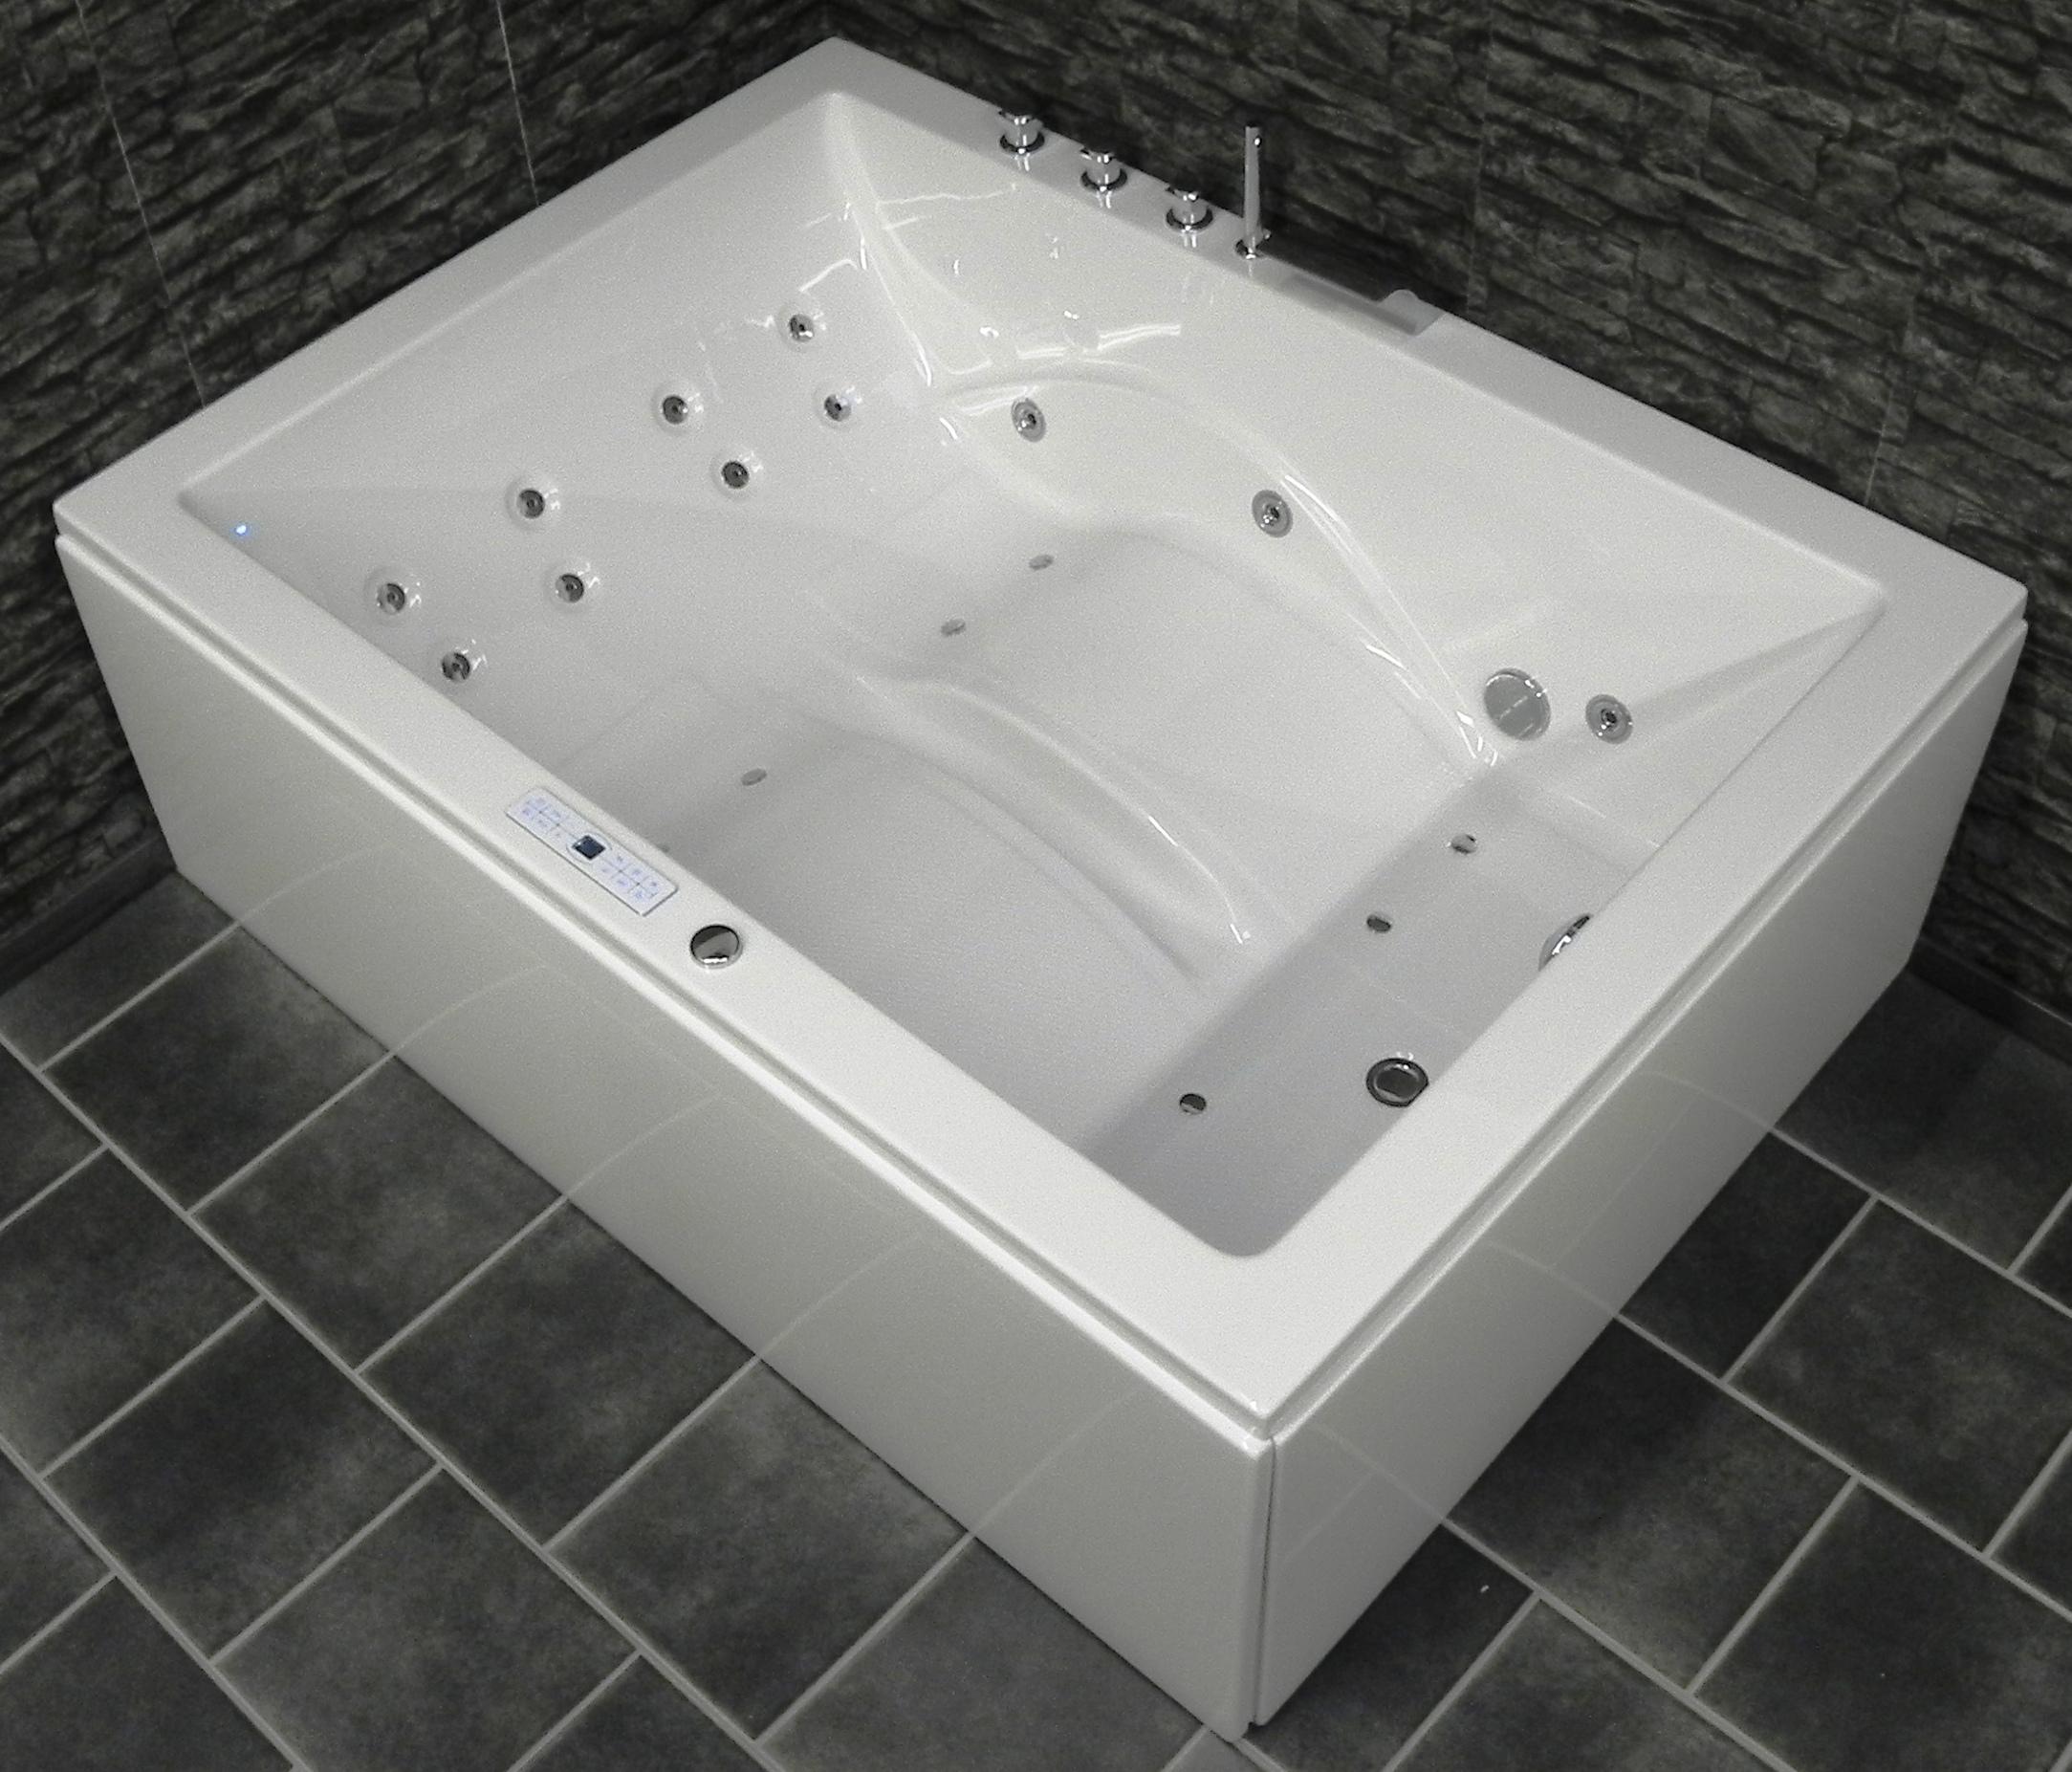 laura premium tourbillon de luxe baignoire g ant int rieur. Black Bedroom Furniture Sets. Home Design Ideas